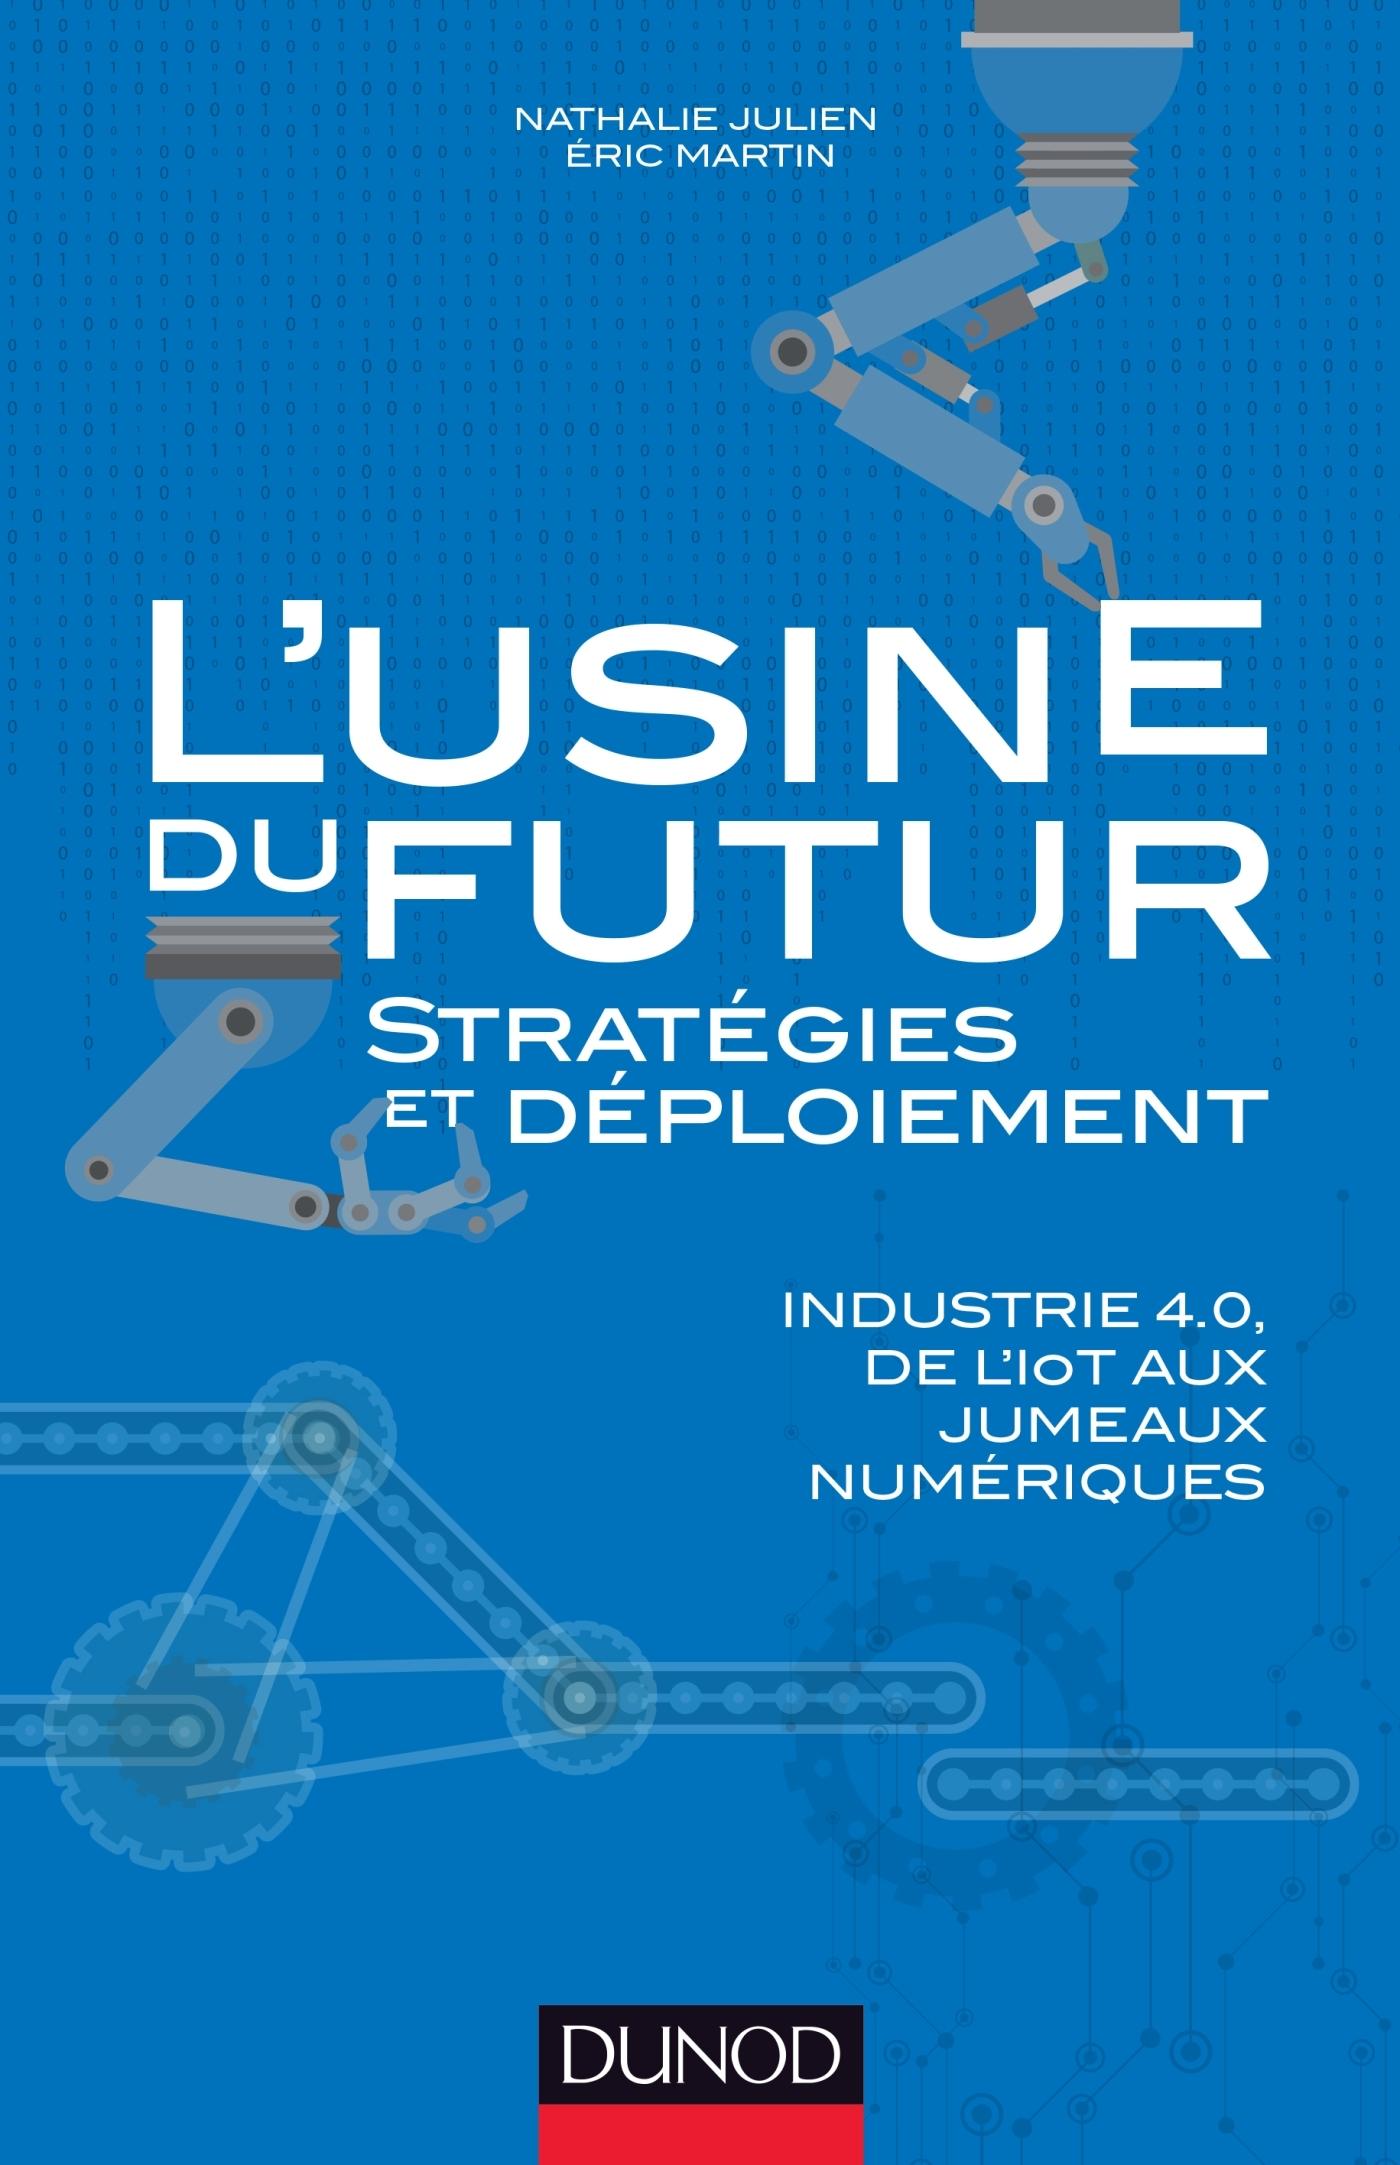 L'USINE DU FUTUR - STRATEGIES ET DEPLOIEMENT - INDUSTRIE 4.0, DE L'IOT AUX JUMEAUX NUMERIQUES